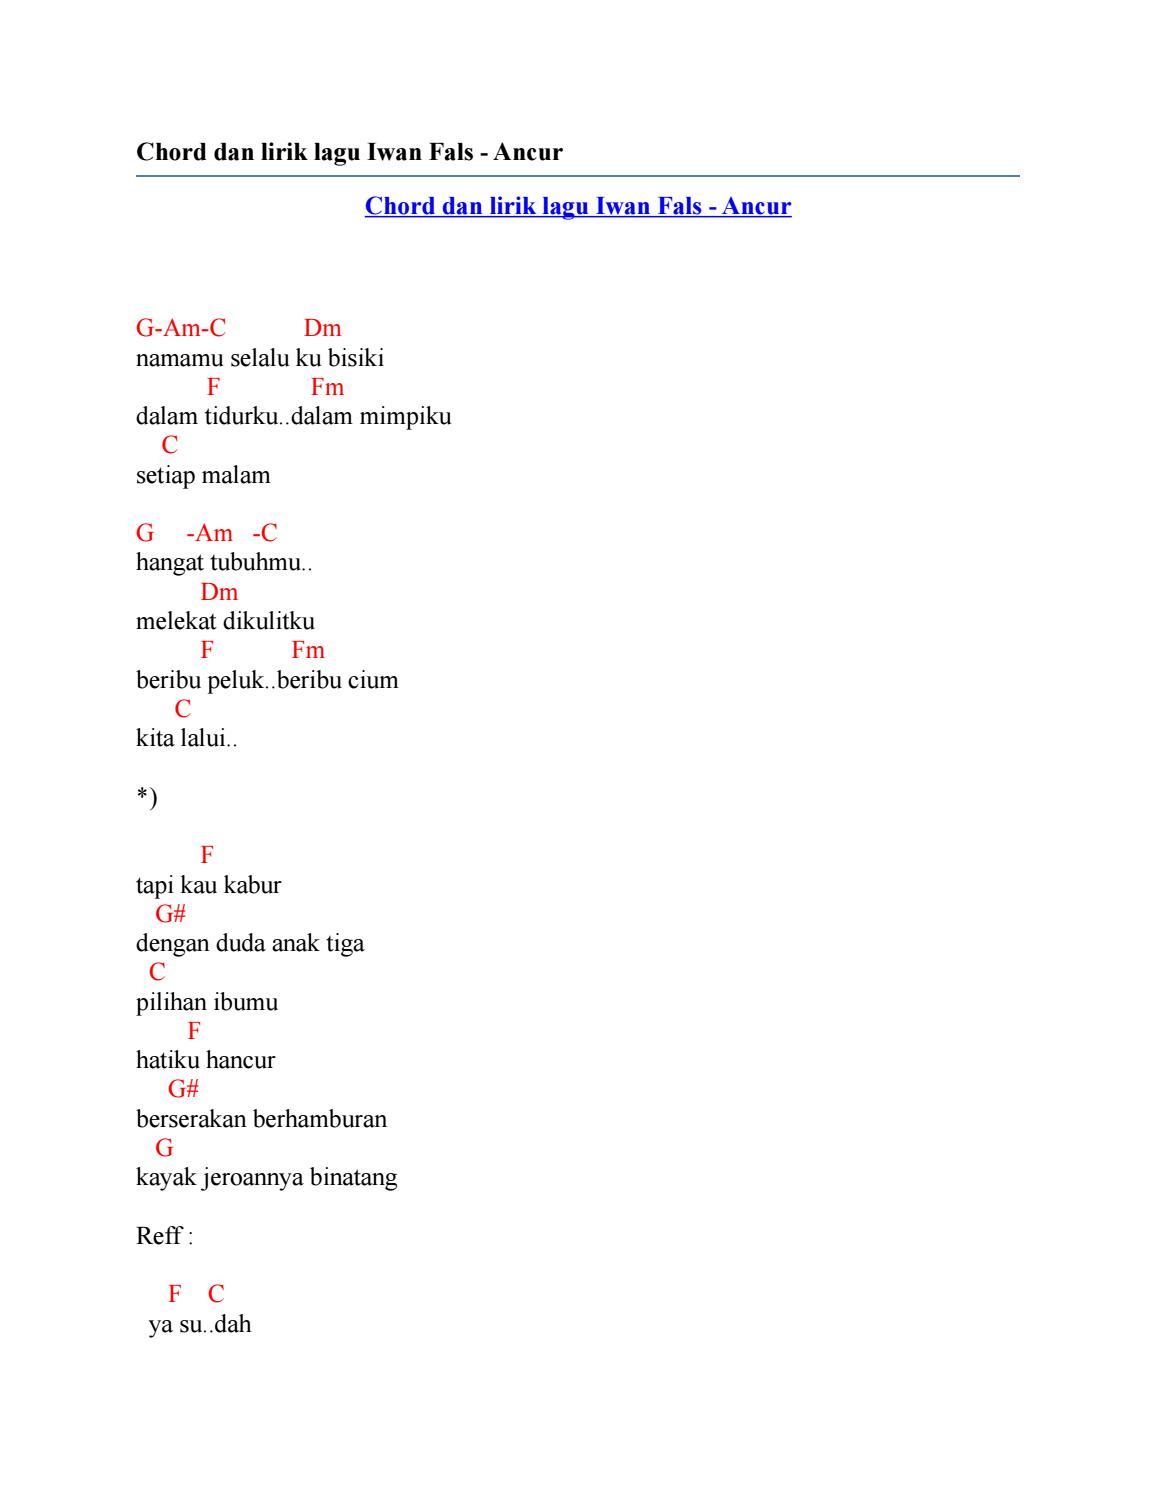 Lirik Lagu Duda Anak Dua Arsia Lirik